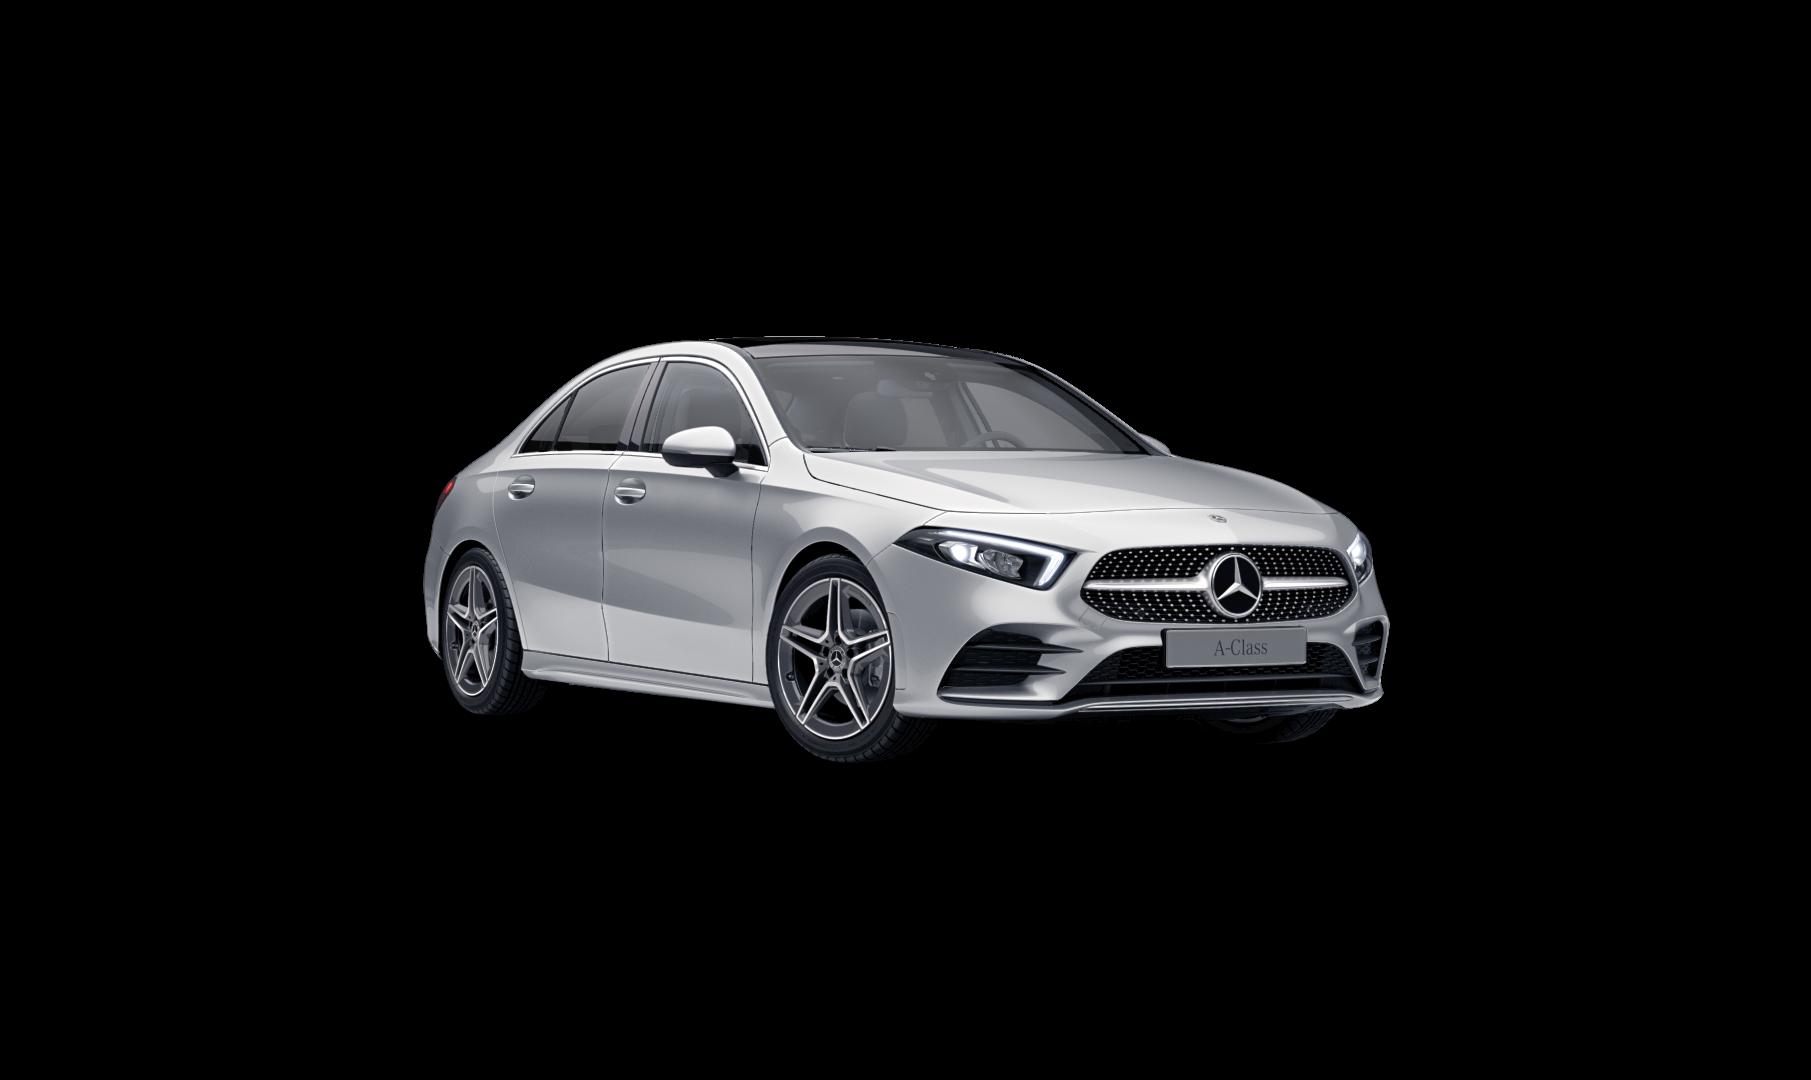 Mercedes Benz Classe A Berline Grise Finition Progressive : Vue de trois quarts de profil à l'arrêt